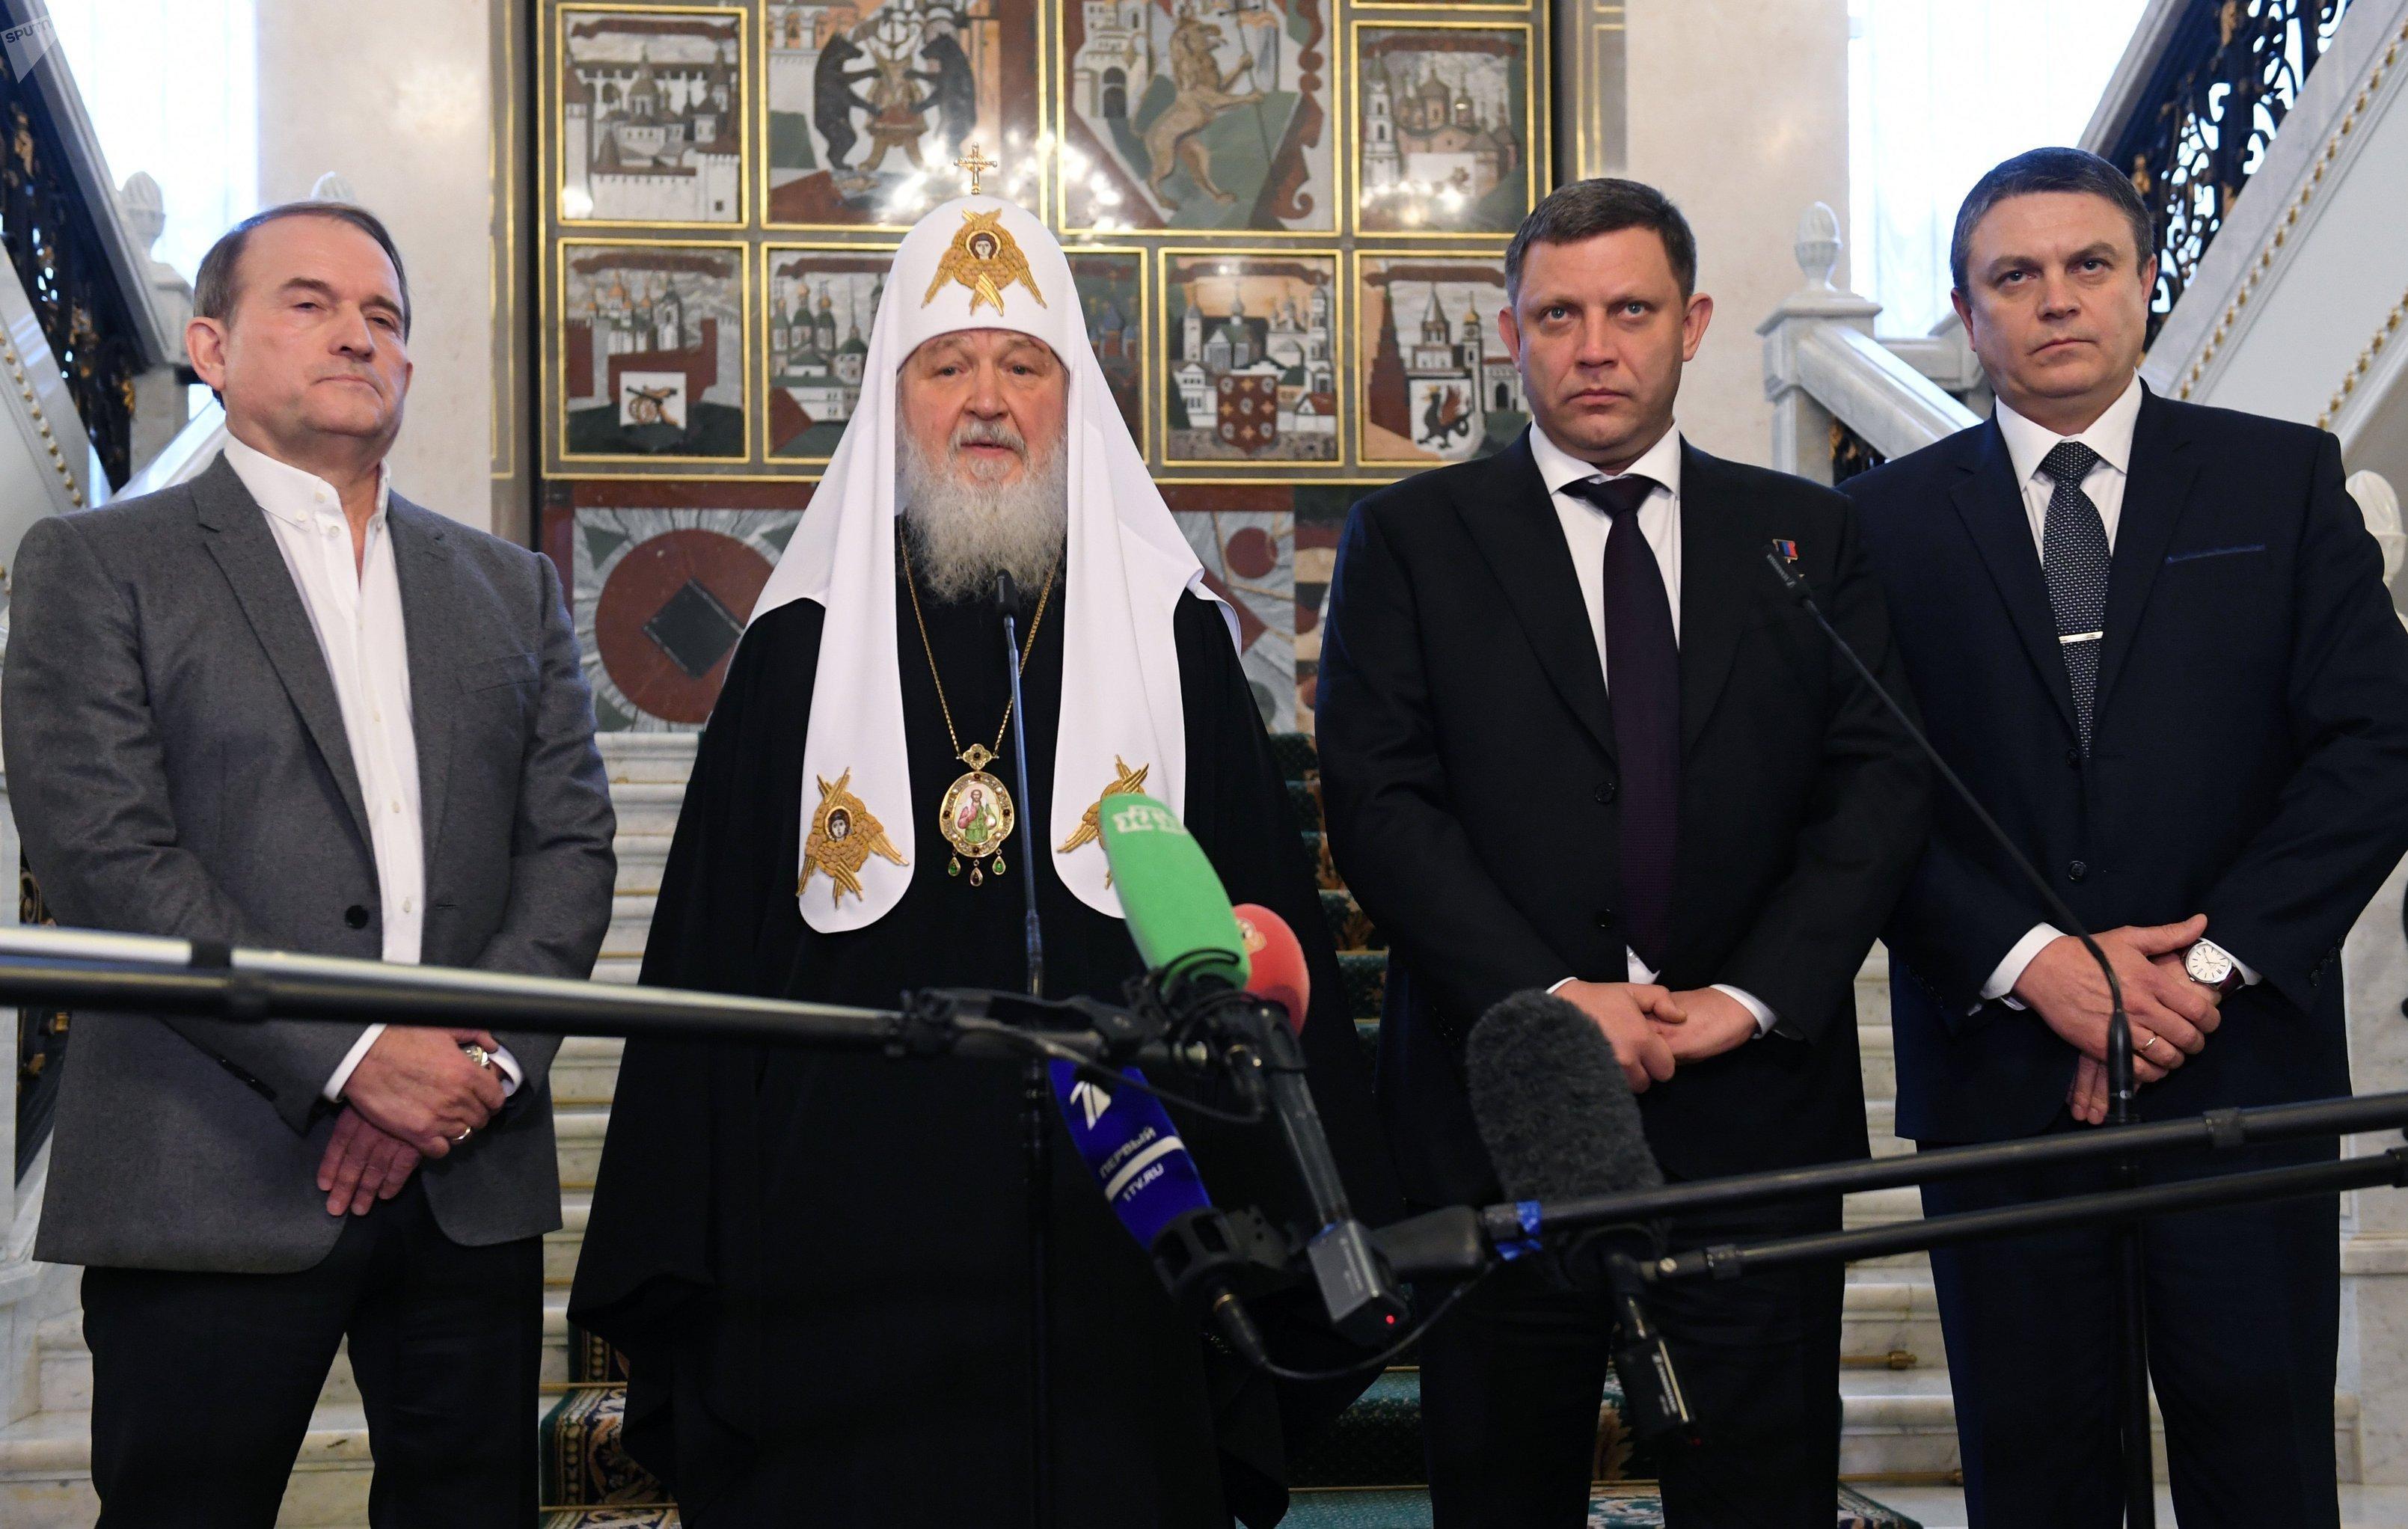 Leonid Pásechnik junto con Alexandr Zajárchenko, el patriarca de Moscú y toda Rusia, Kirill, y el líder del movimiento Elección Ucraniana-Derecho del Pueblo, Víctor Medvedchuk